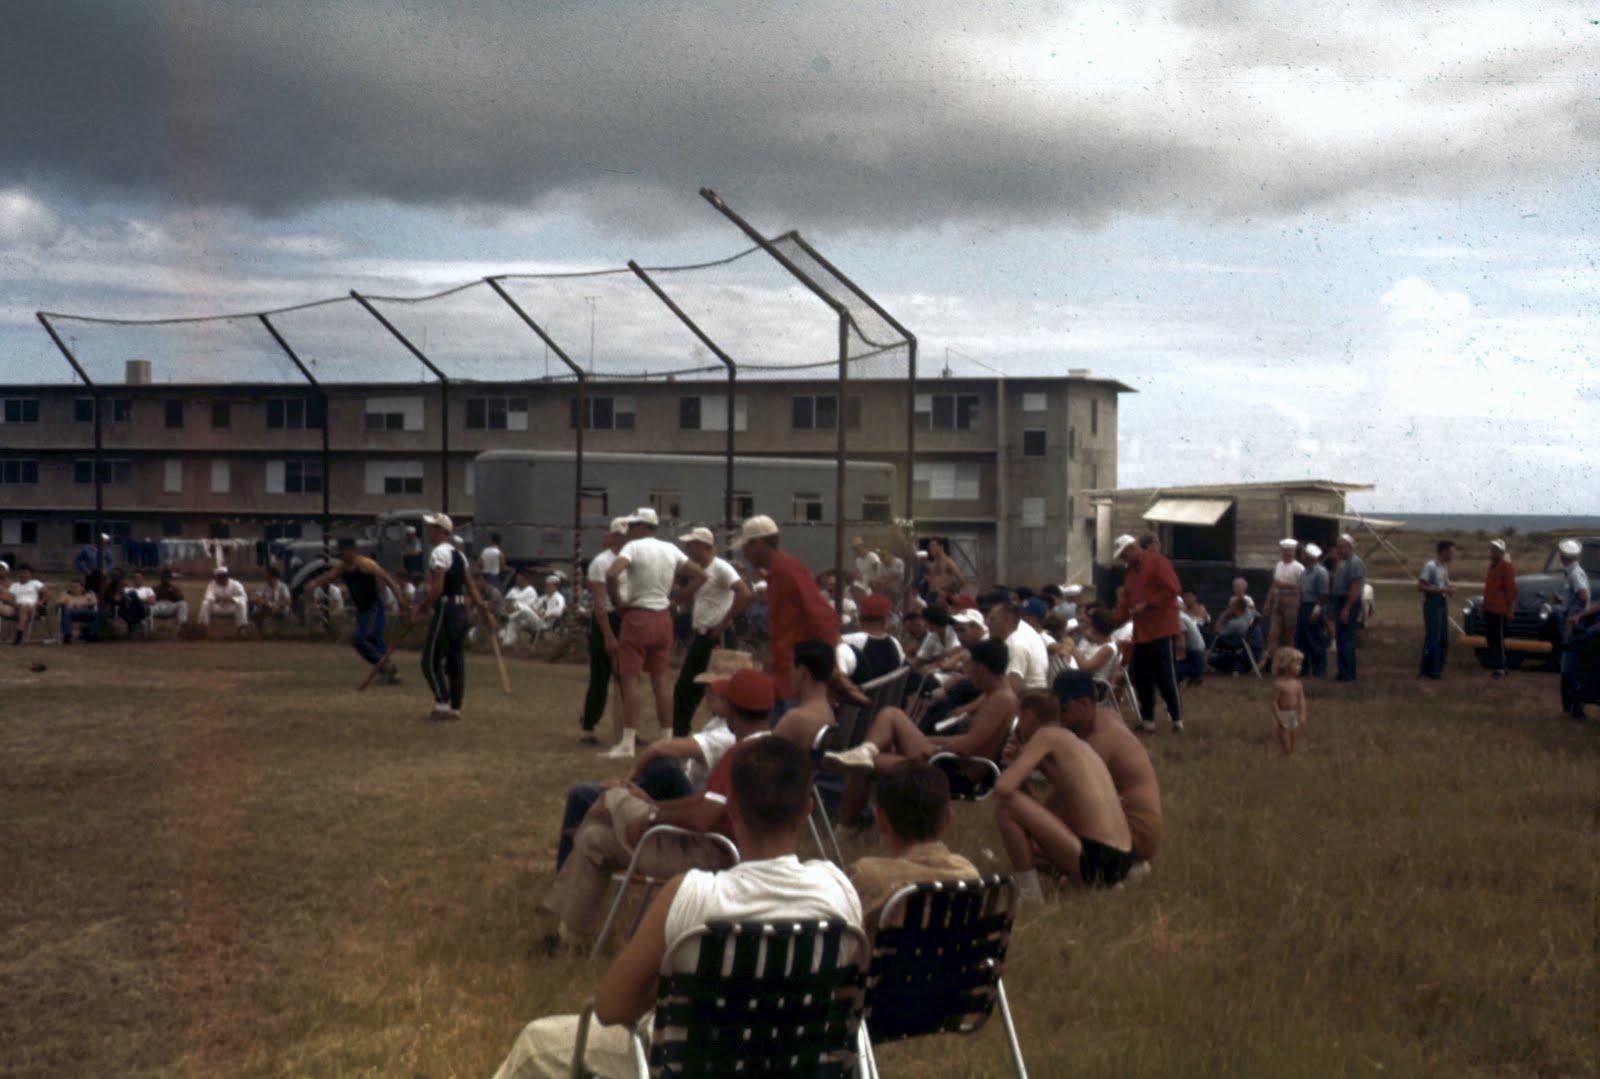 Growing up at Guantánamo Thumbnail Image